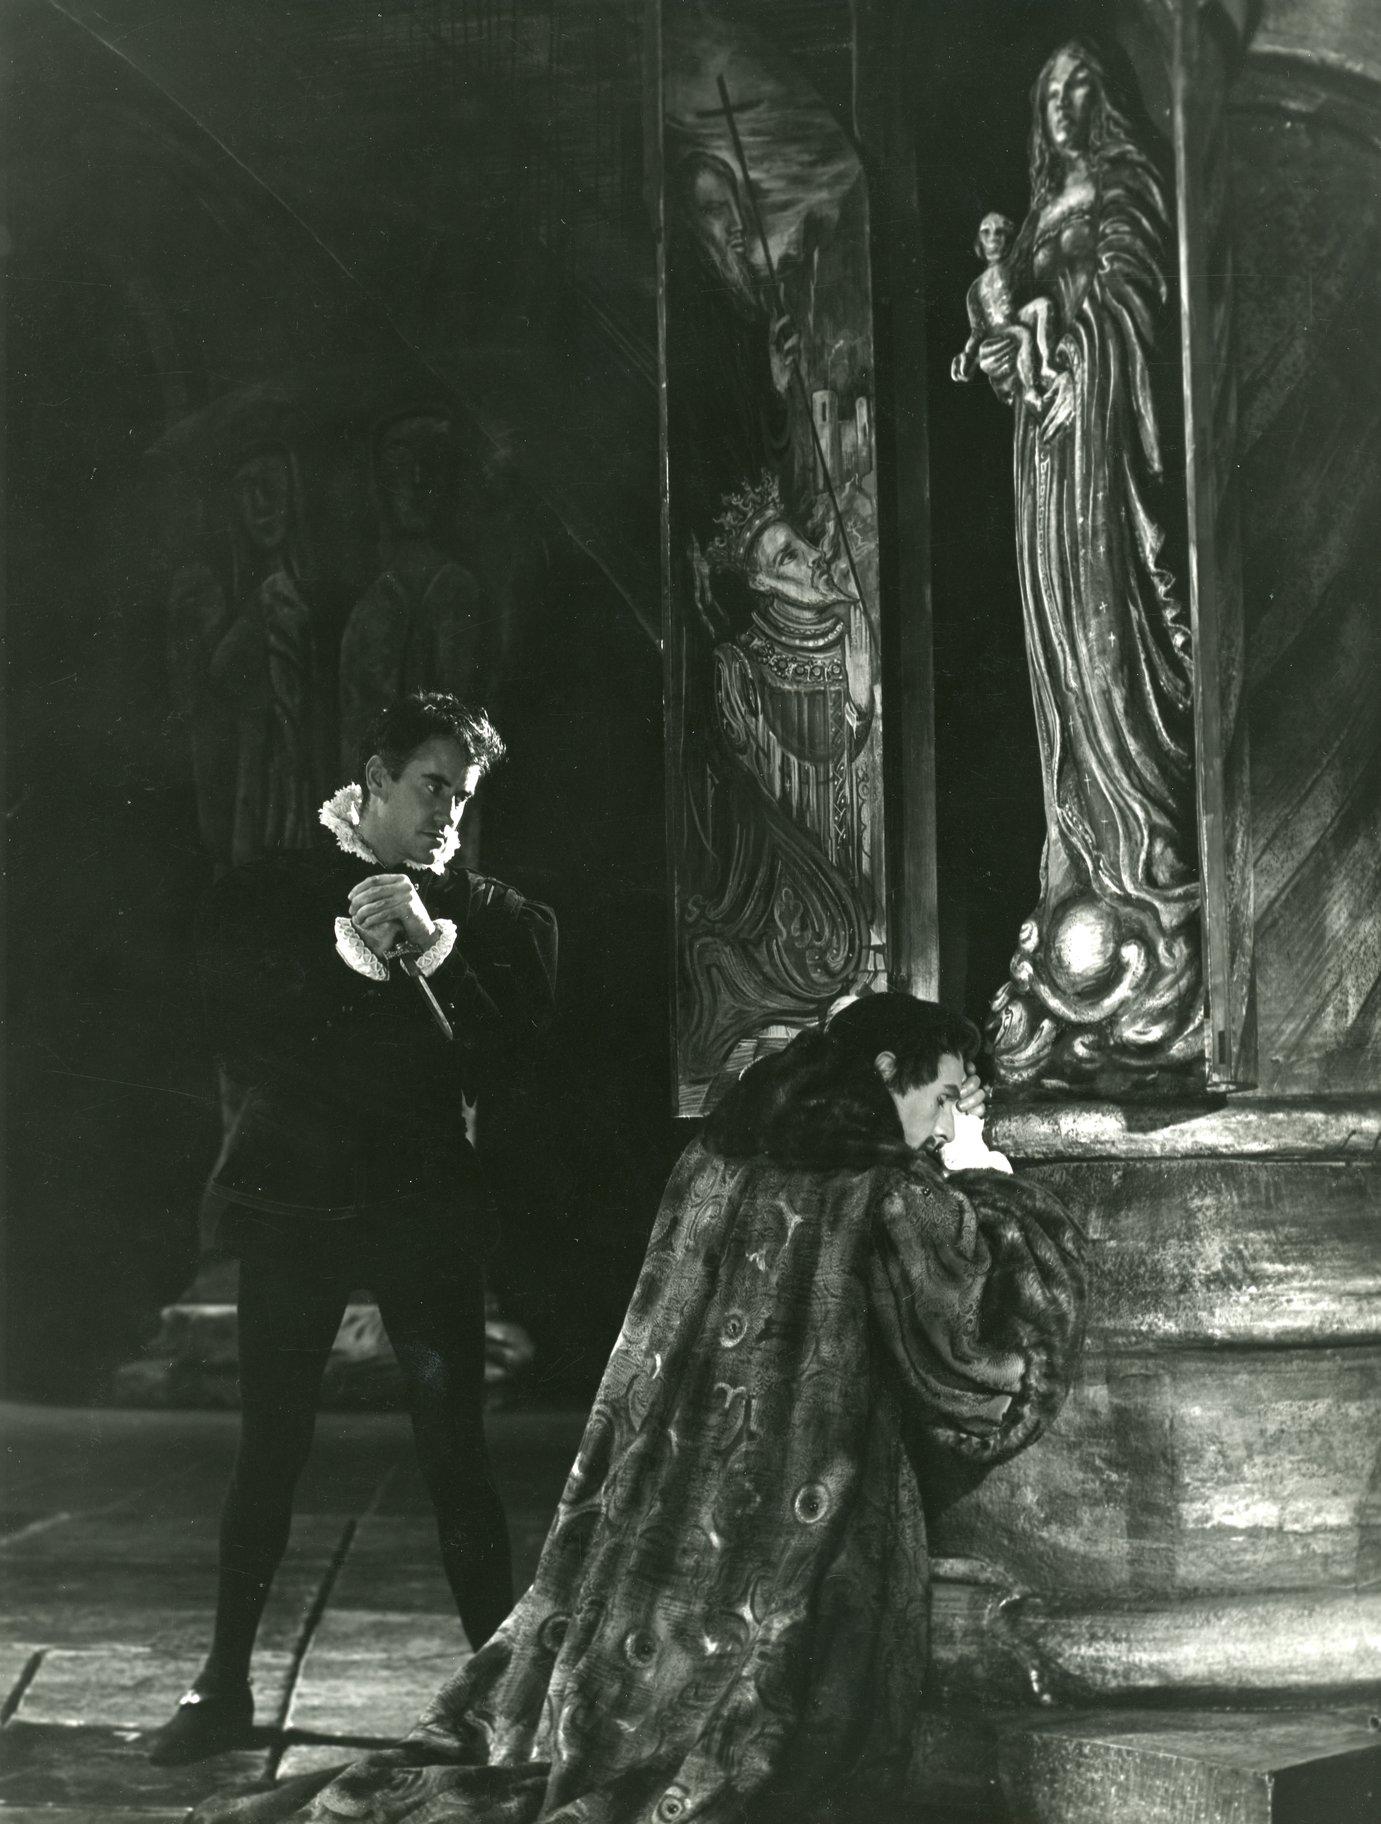 Hamlet considers killing Claudius